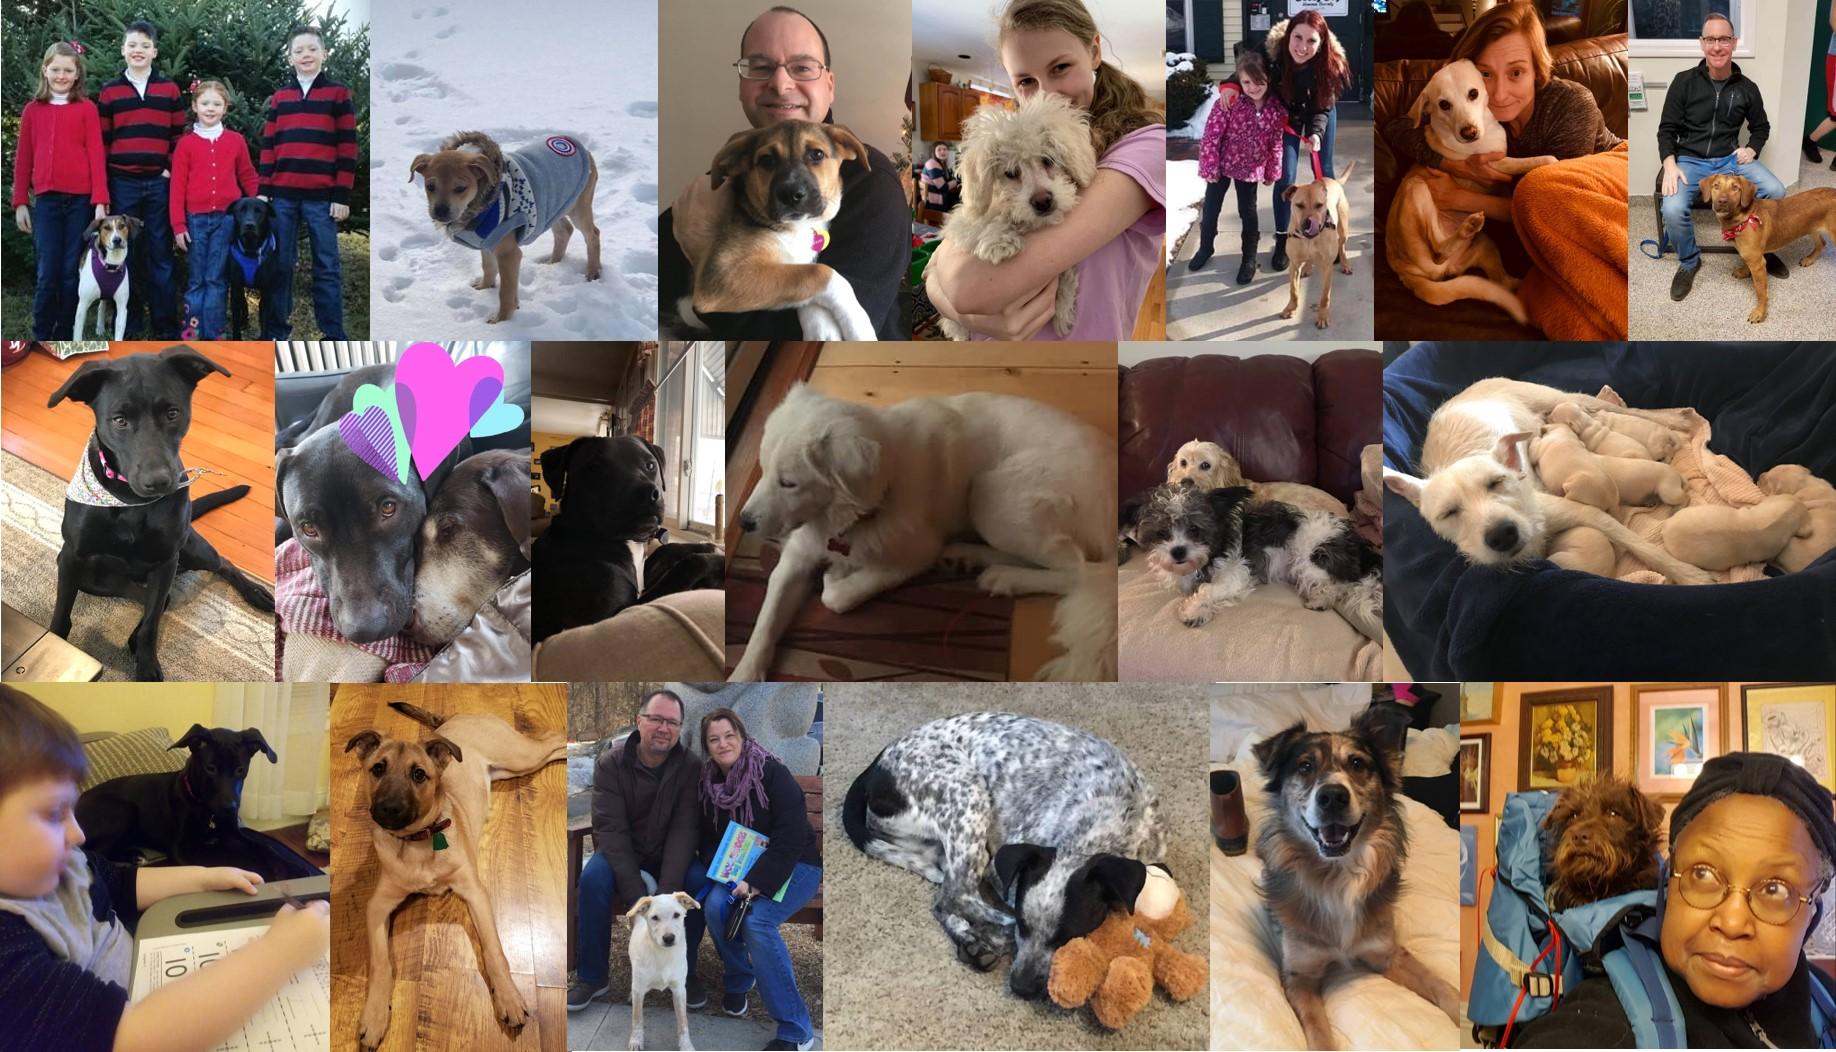 1st: Rey (FKA Peppermint Patty), Archie (FKA Liam), Cedar (FKA Gemma), Norman, Prince, Calli (FKA Sally), Captain 2nd: Stella, Stanley (FKA Samson), Dallas (FKA Sheldon), Whisper, Sprocket (FKA Rocket), June & puppies 3rd: Gracie (FKA Yin), Nikita (FKA Alex), Olaf, Pebbles, Champ, Mazir (FKA Rusty), Peanut